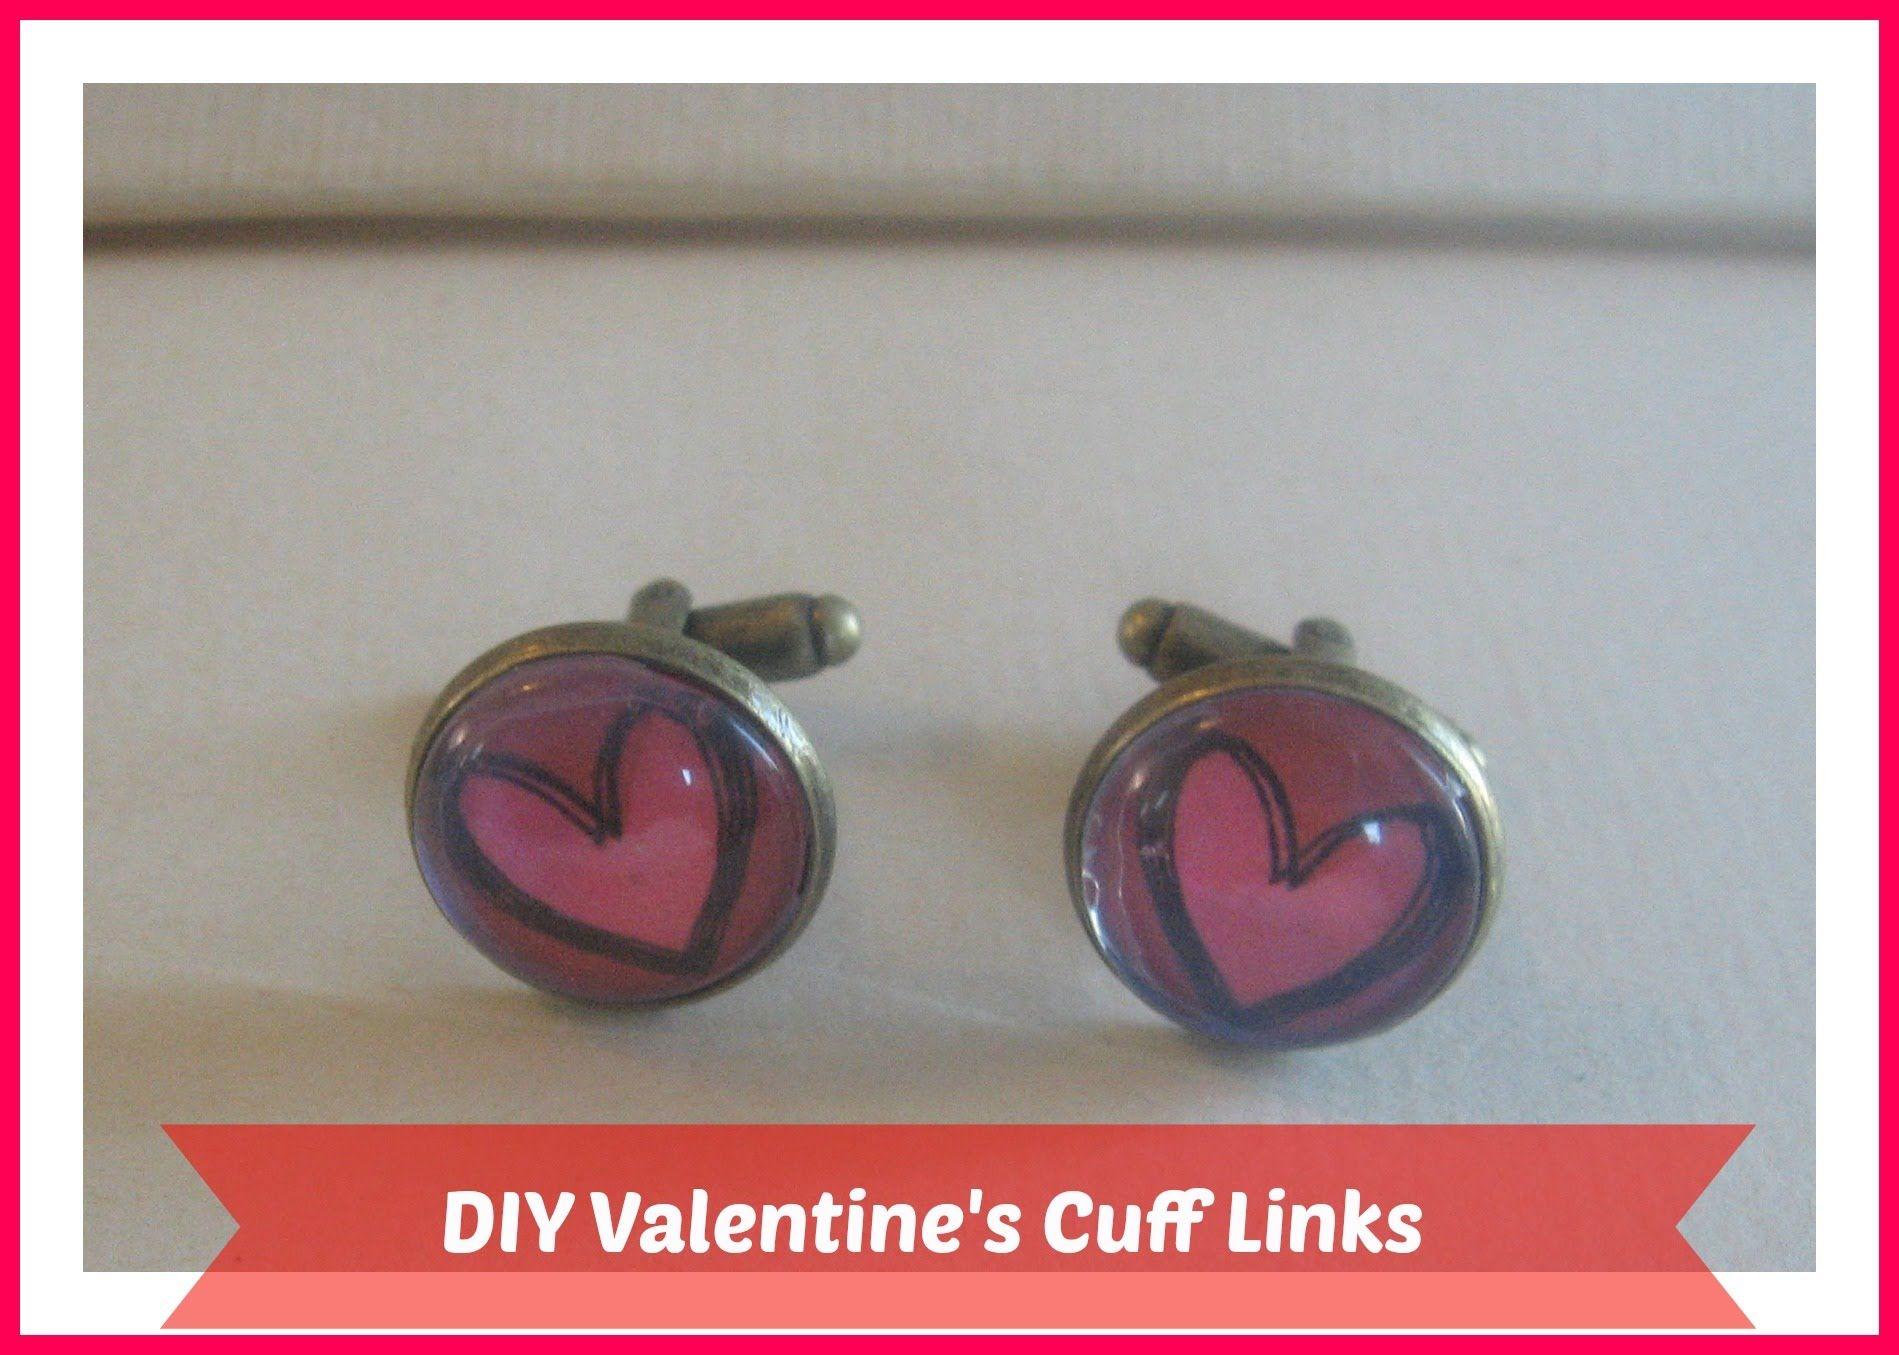 Diy Valentines Cufflinks Diy Valentines Gift Ideastutorial How To M